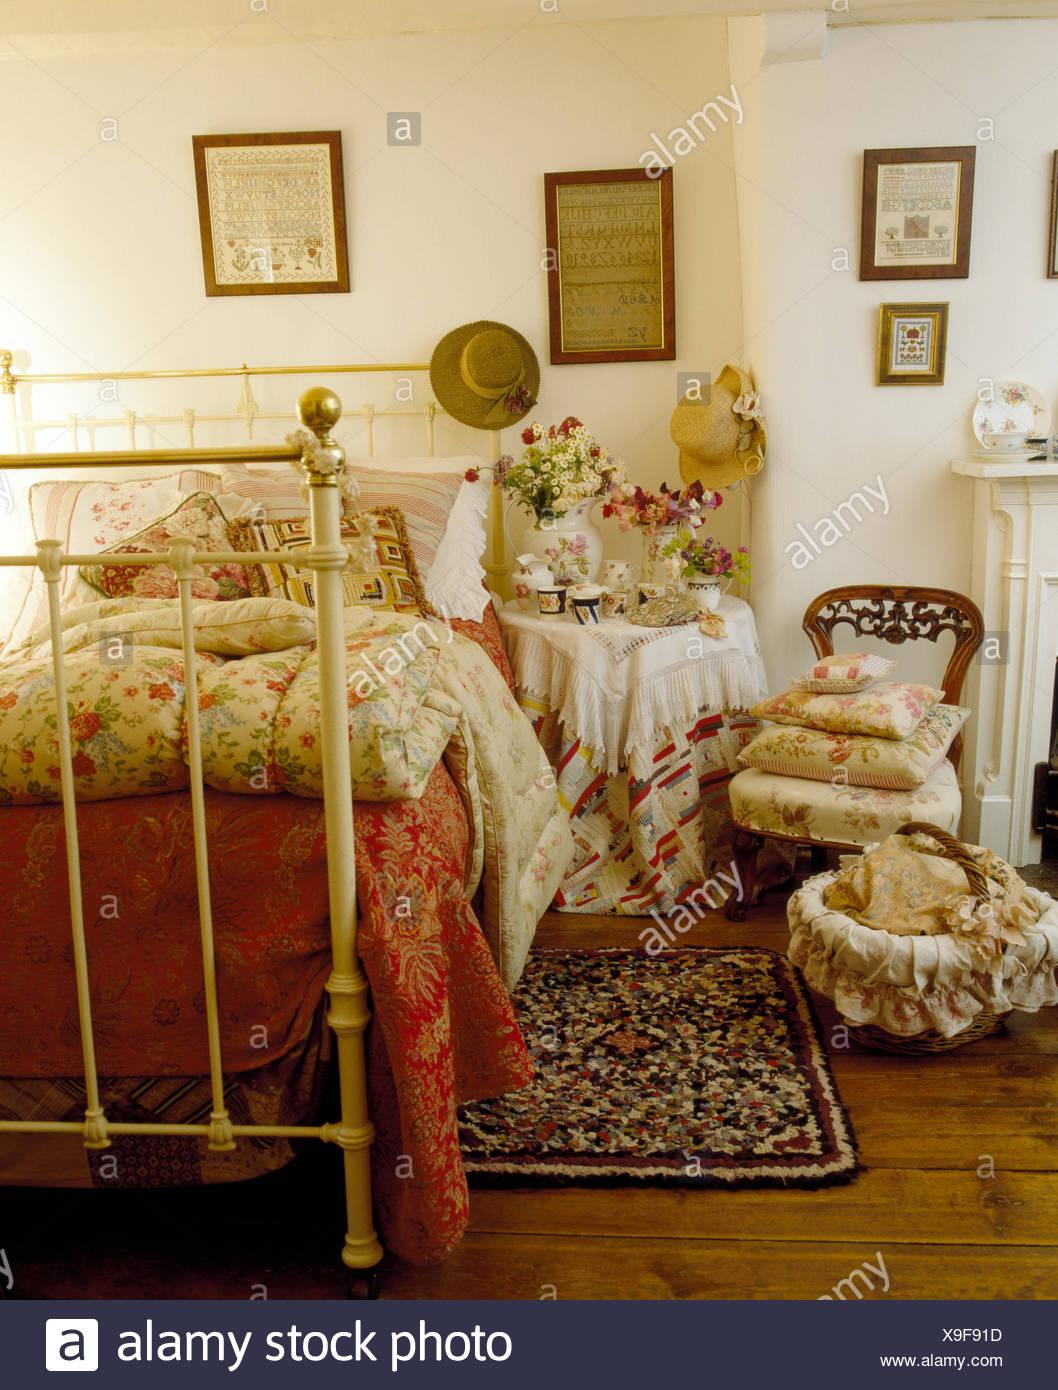 Ferienhaus Schlafzimmer mit Blumen Quilt auf weißen Schmiedeeisen ...